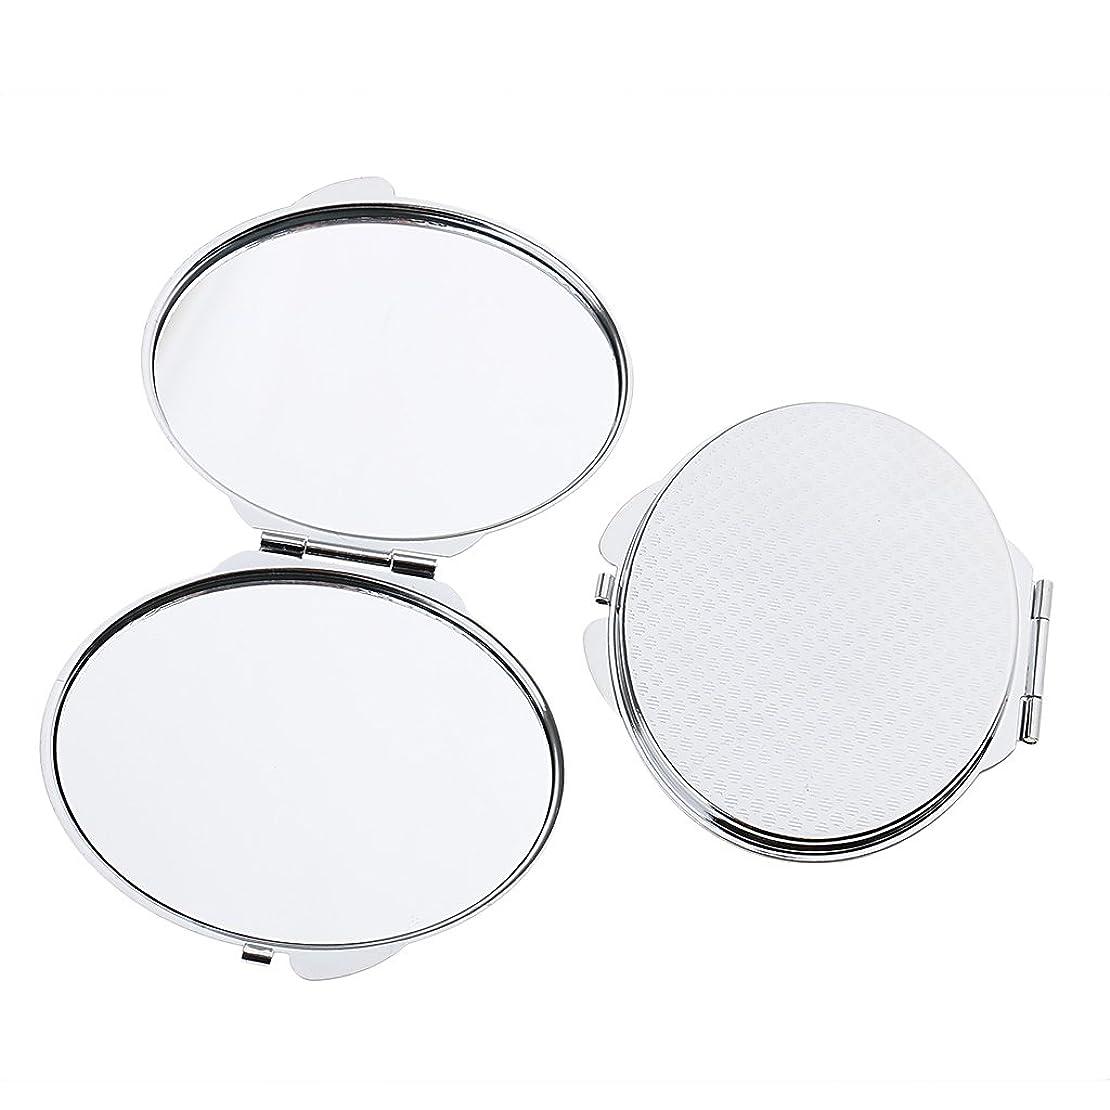 残酷なボーダーアーティキュレーションFenteer 2個入 ポケットメイクミラー メイクミラー ポータブル ダブル 折りたたみ 鏡 化粧鏡 2タイプ選べる - 丸い